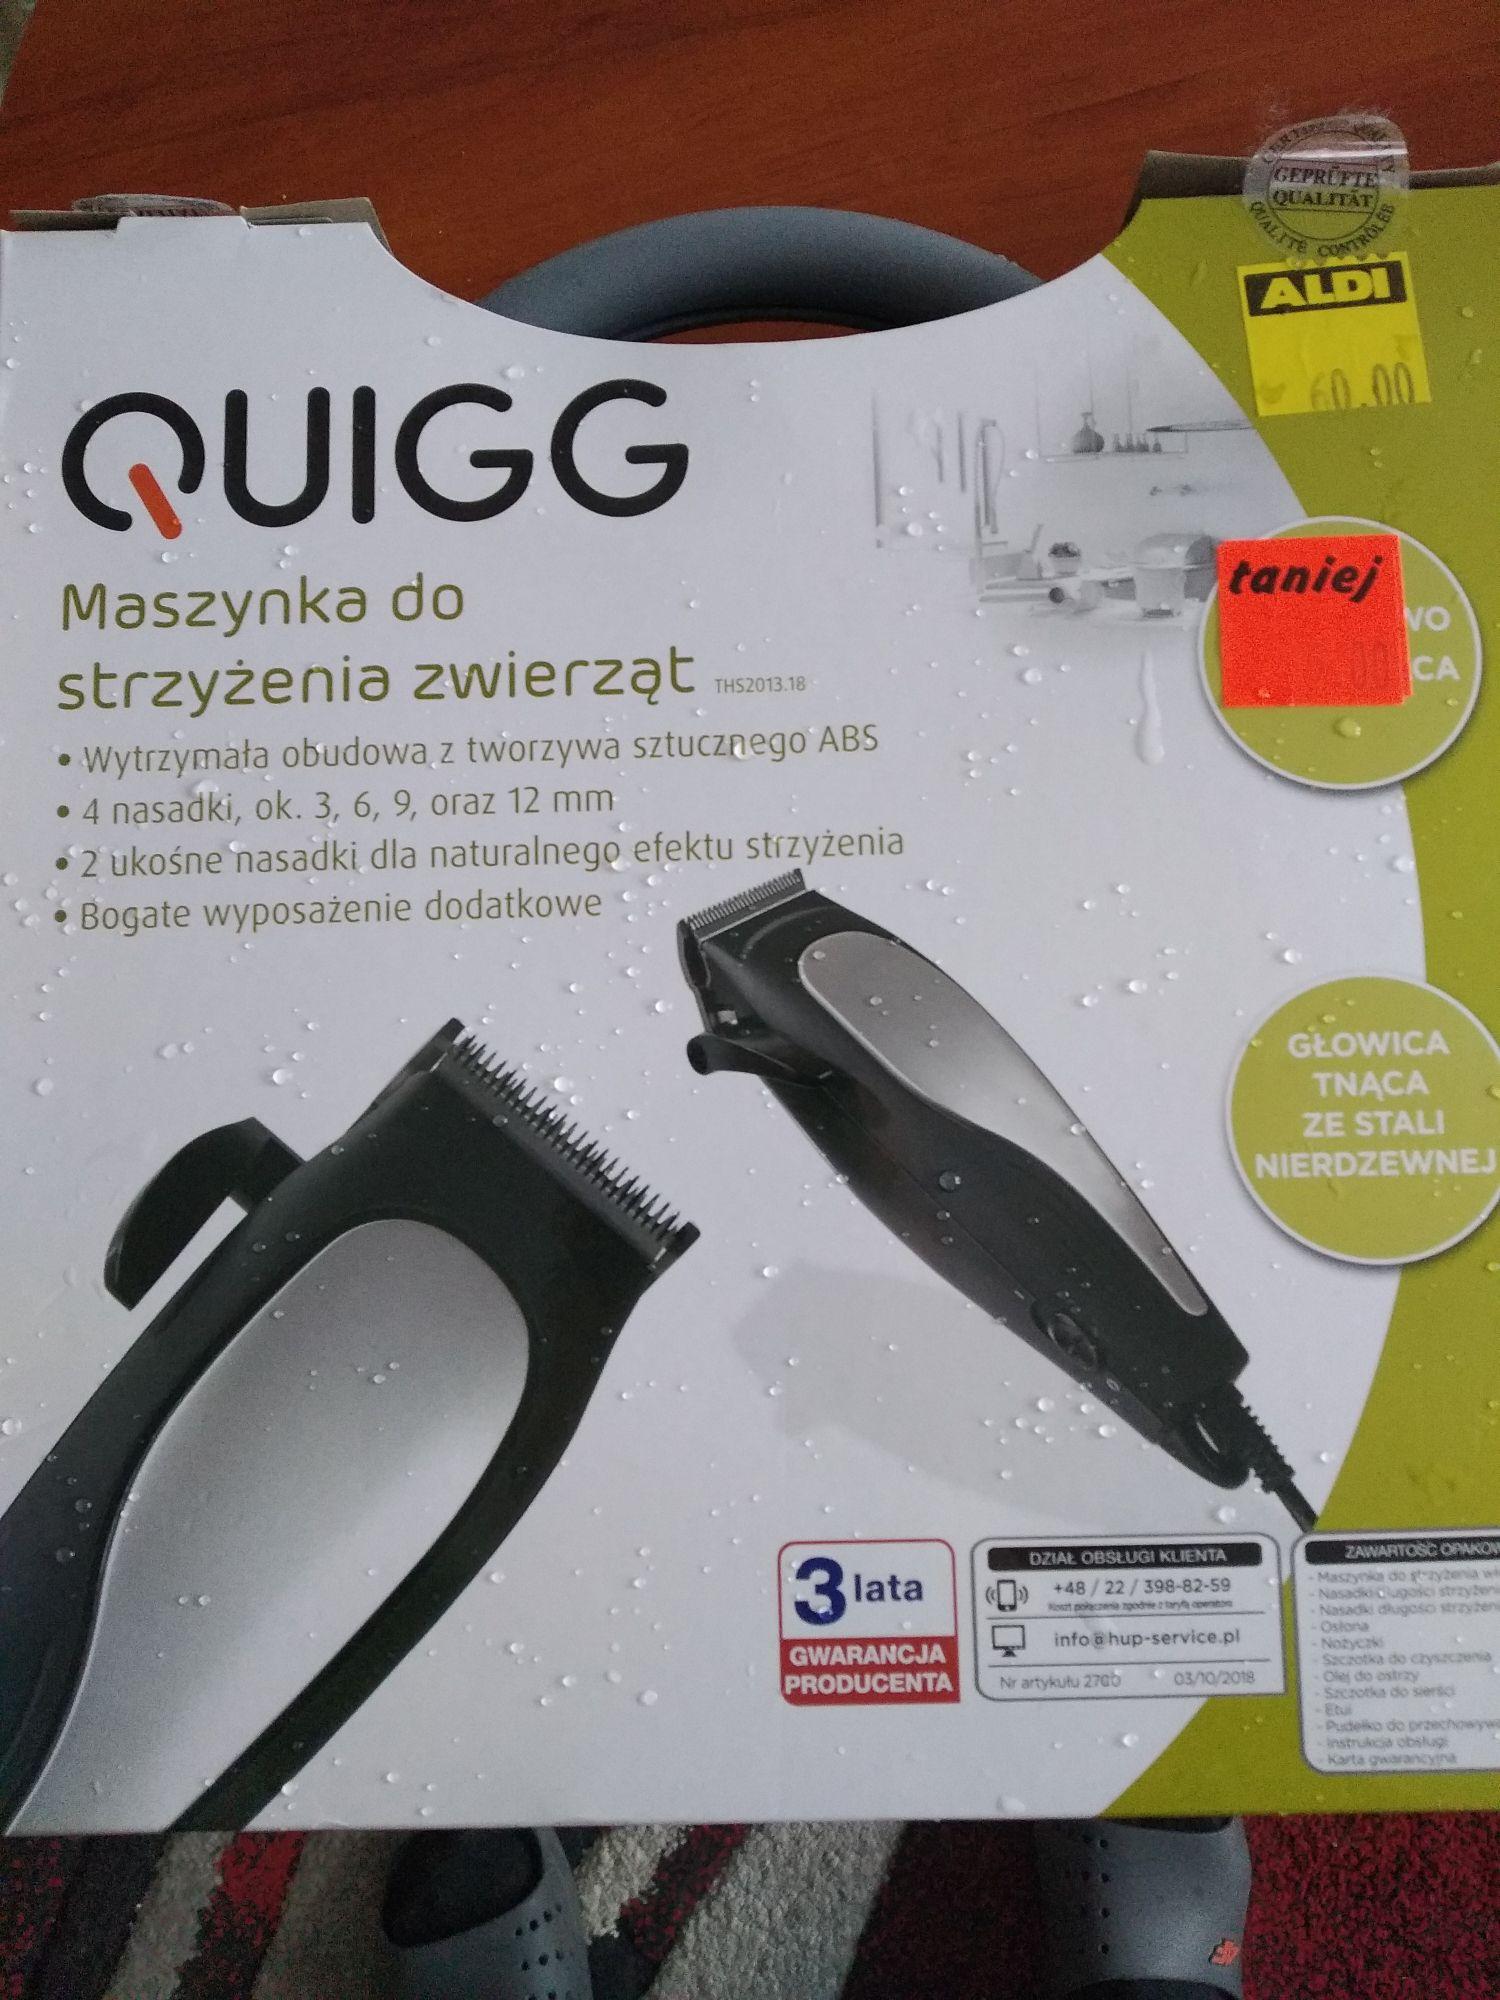 Maszynka do strzyżenia zwierząt Quigg w Aldi